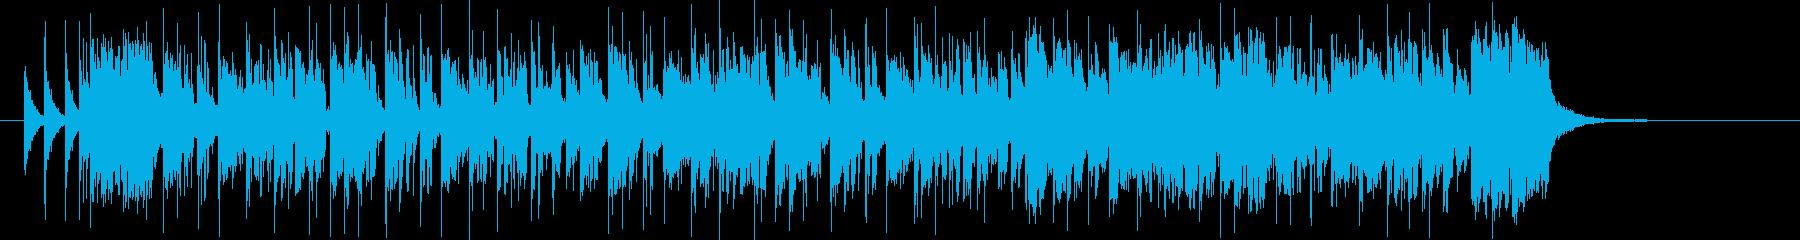 ドラムが軽快なシンセサイザーミュージックの再生済みの波形